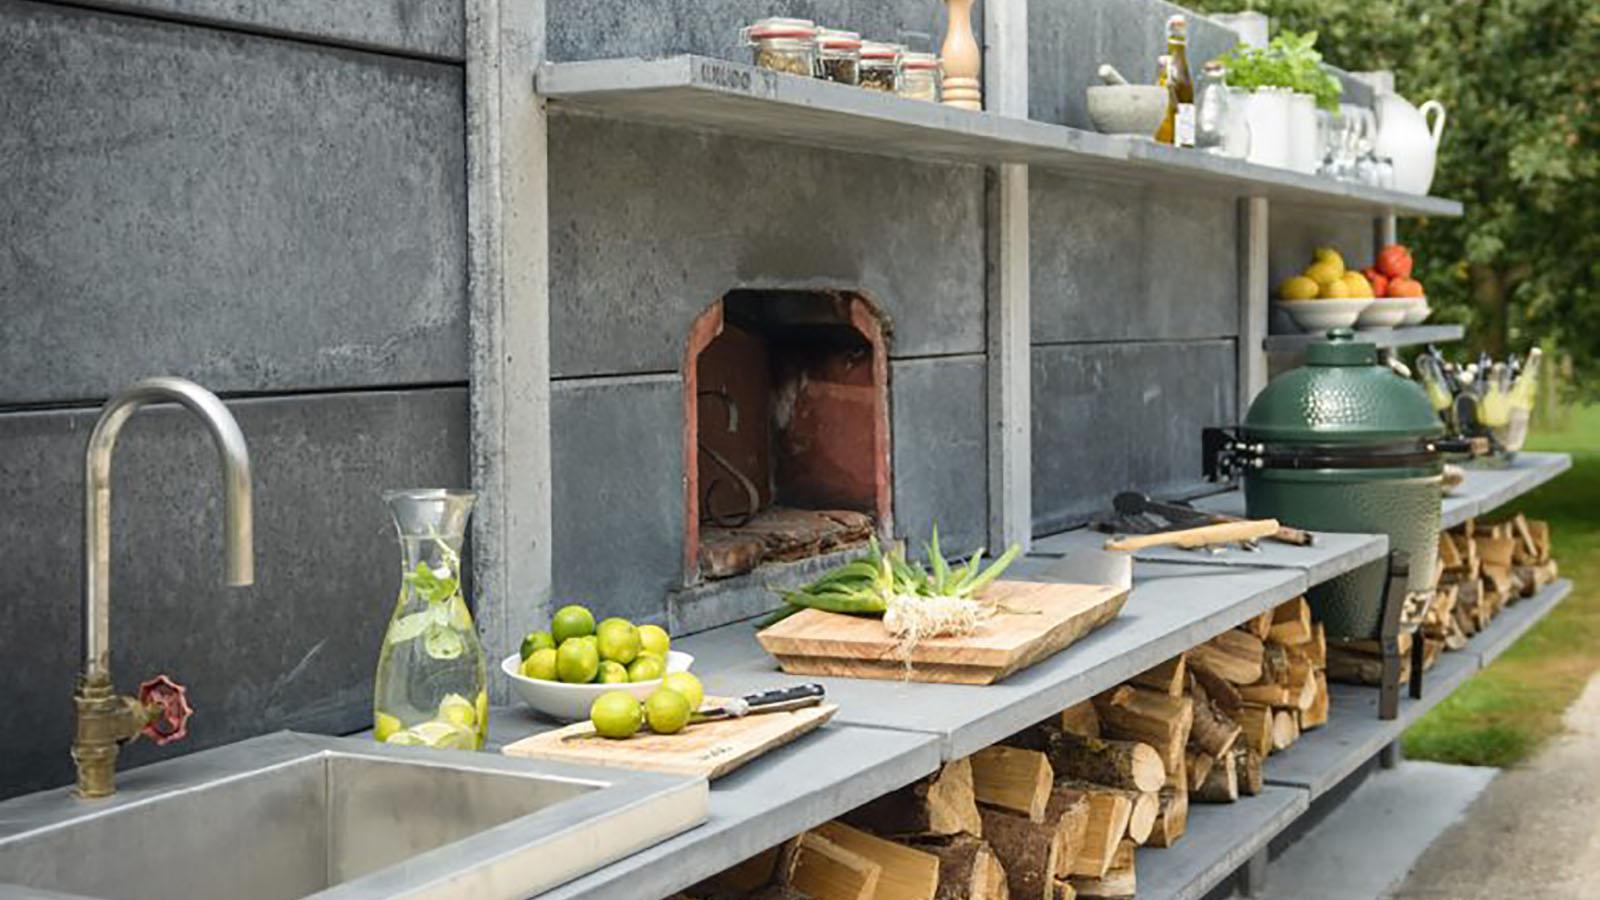 Full Size of Outdoor Küche Kchen Trend Kochen Im Freien Streifzug Media Billig Rückwand Glas Einbauküche Günstig Vorratsdosen Kaufen Ikea Stehhilfe Bank Anthrazit Wohnzimmer Outdoor Küche